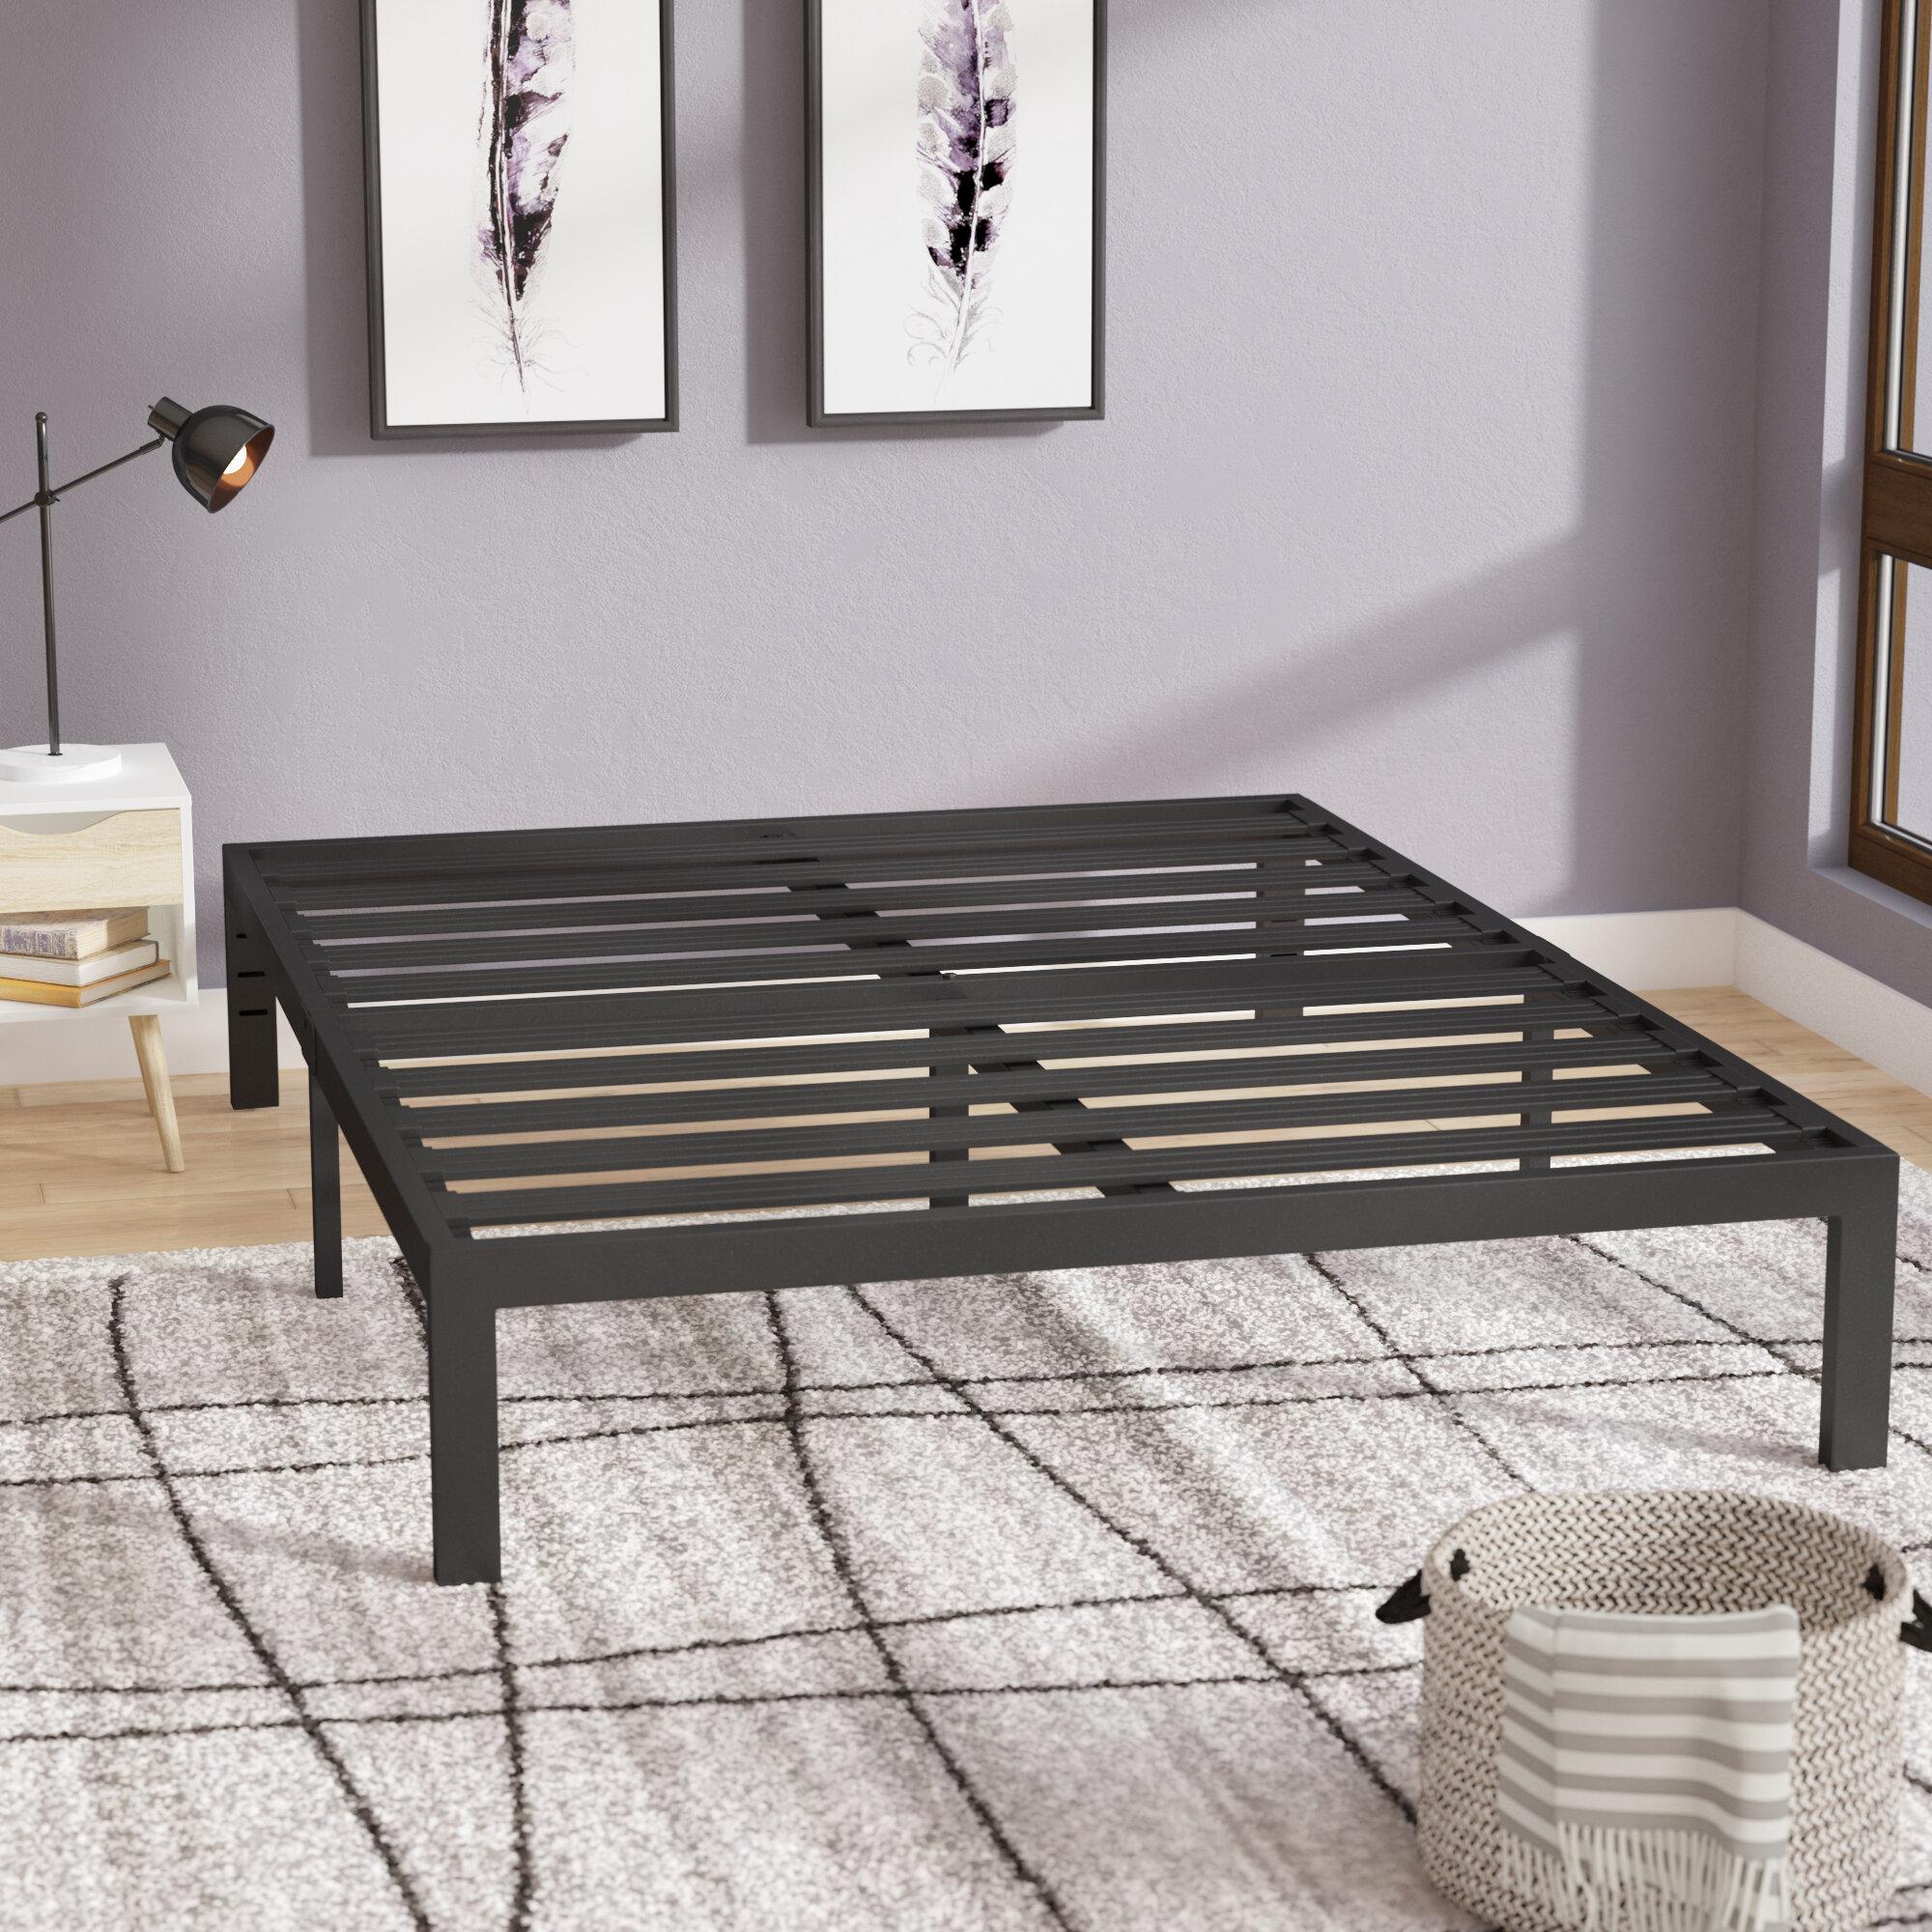 Alwyn Home Hampton 14 Steel Platform Bed Reviews Wayfair